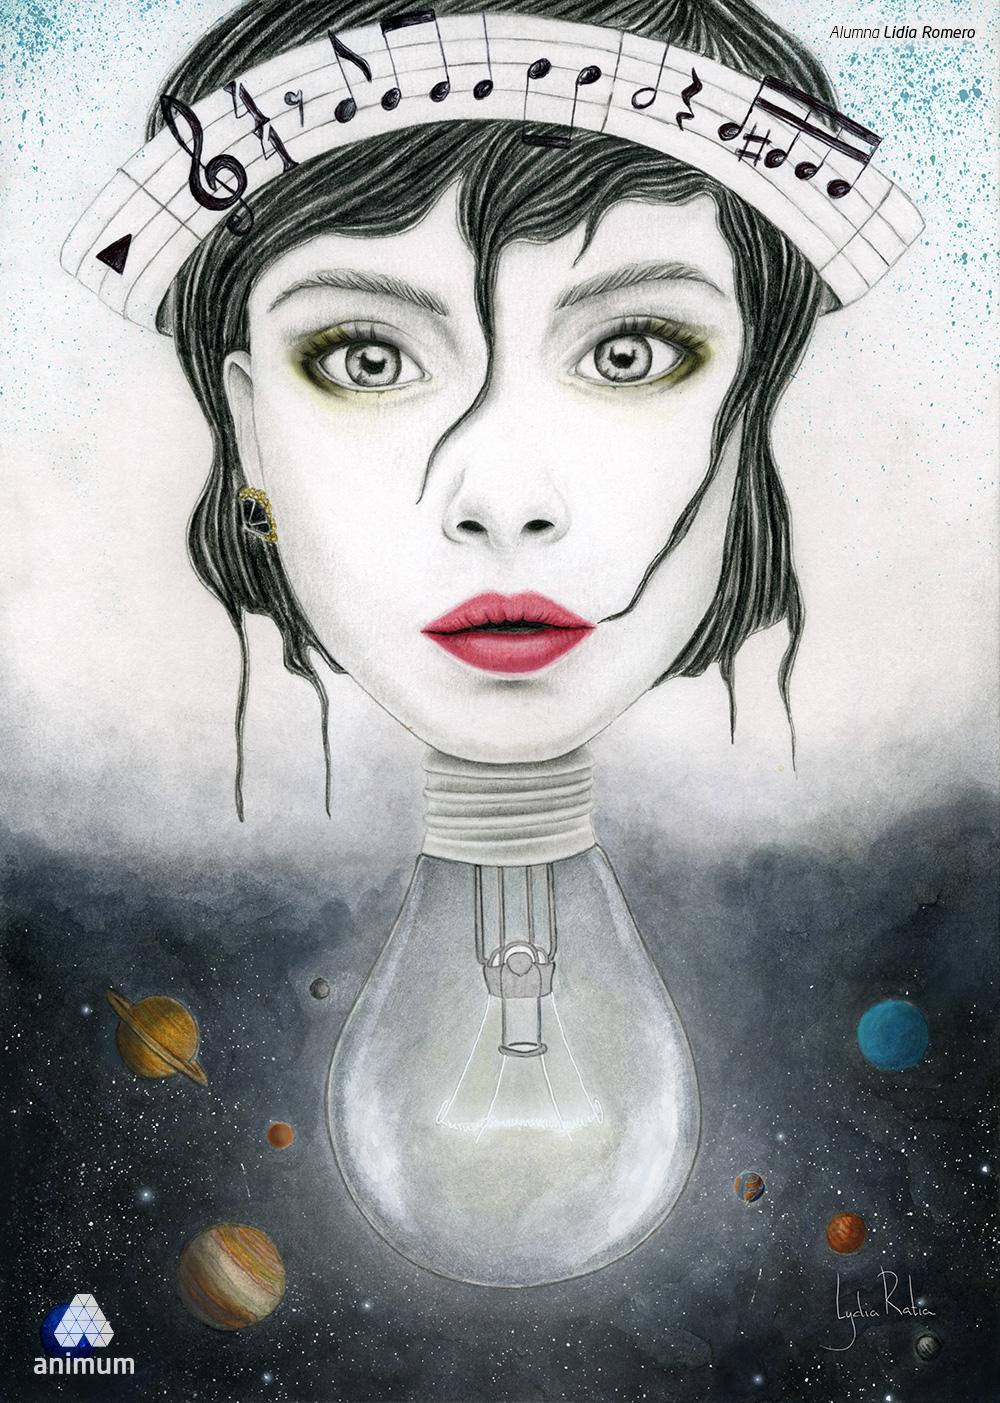 Trabajos de Dibujo Digital Lidia Romero 2